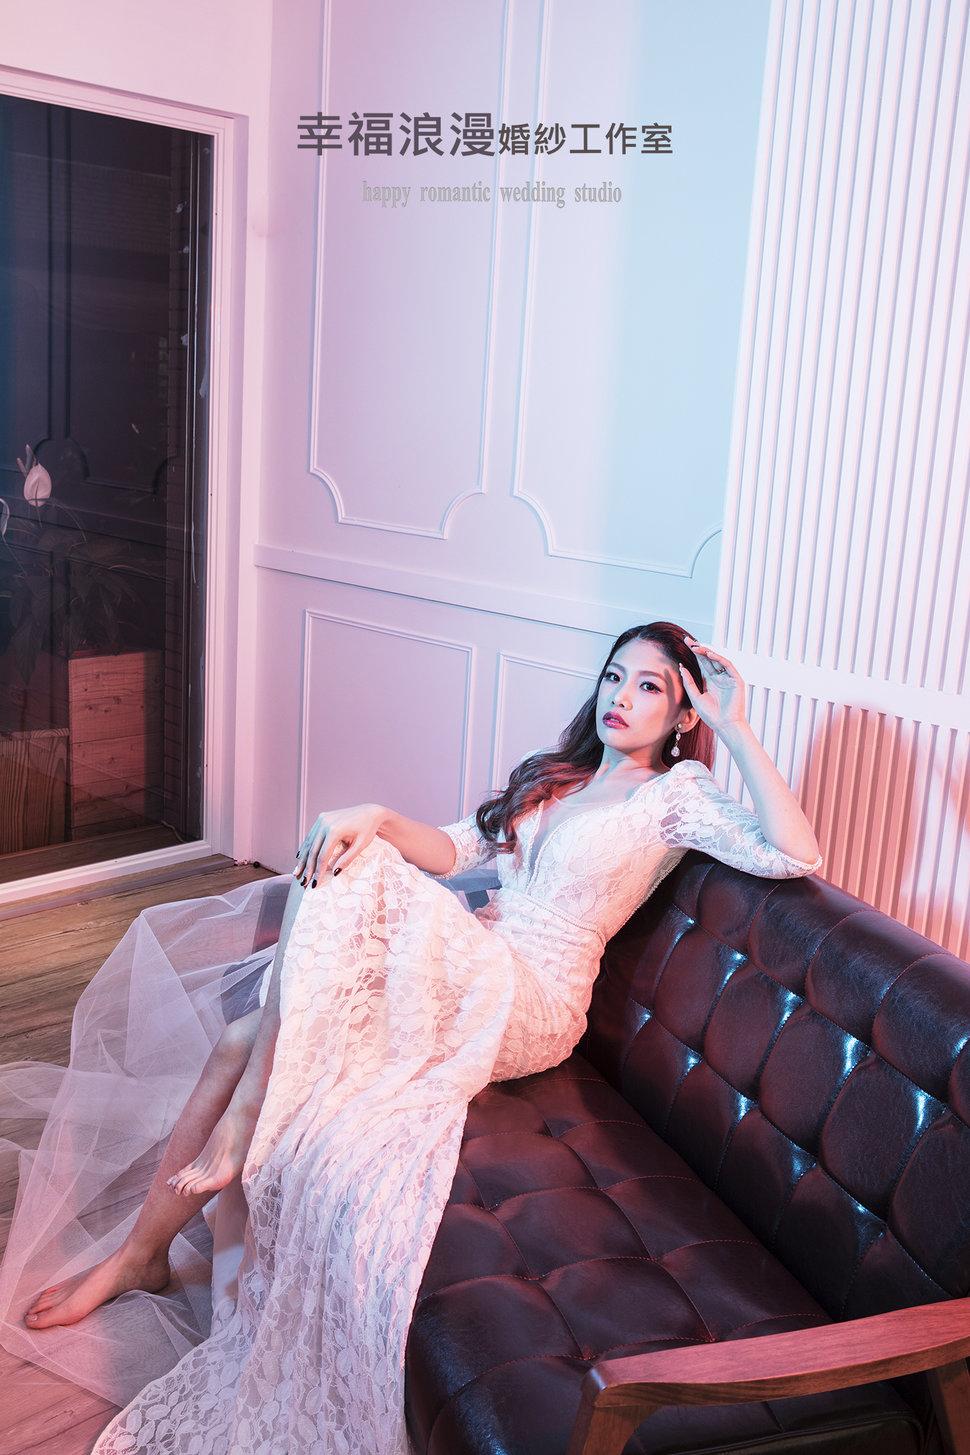 5G3A2474-1 - 幸福浪漫婚紗工作室 韓式婚紗攝影《結婚吧》